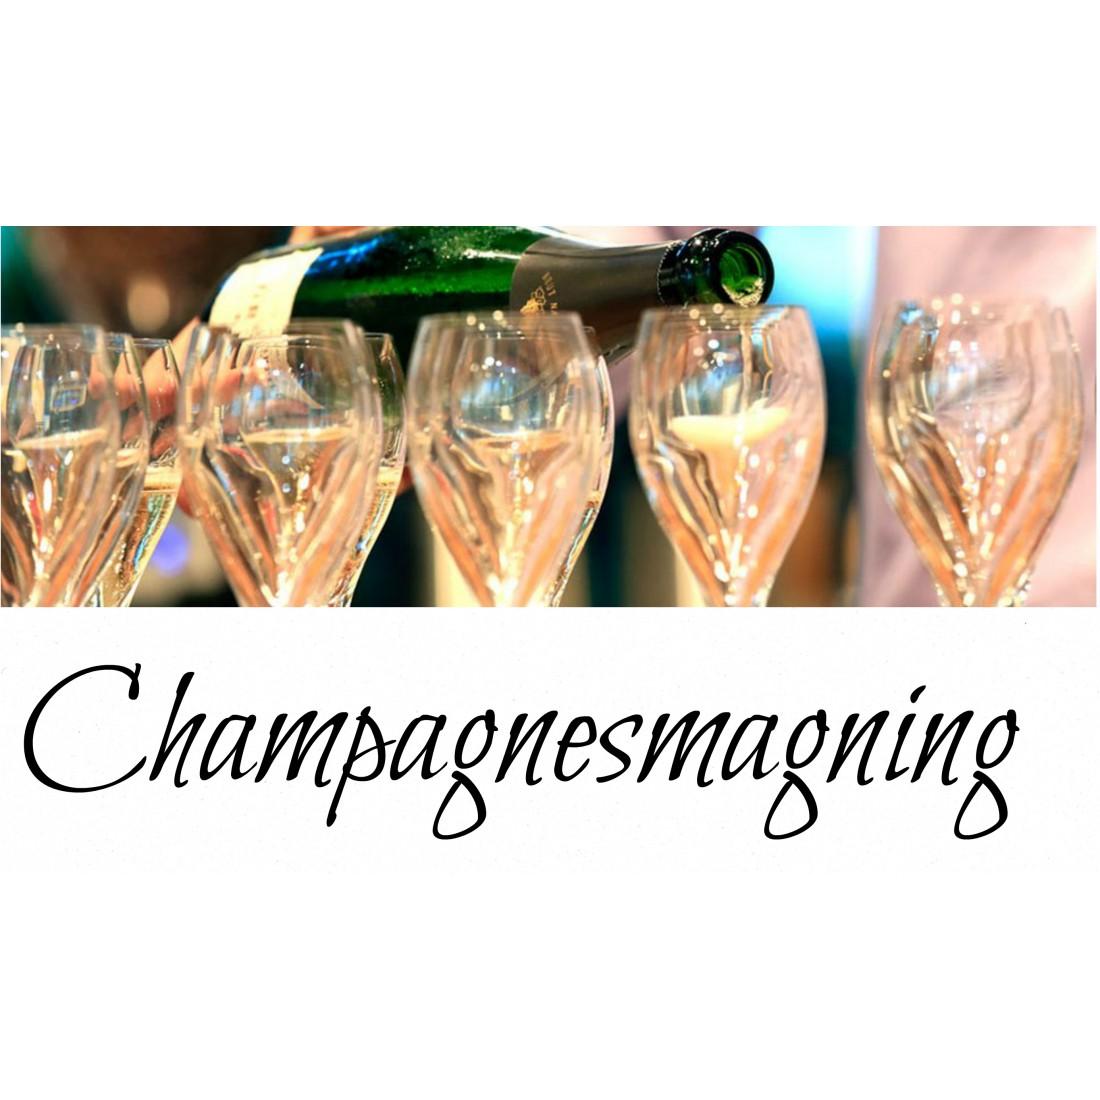 Champagnesmagning mandag den 28 december kl. 19.00 I ChampagneKælderen-31